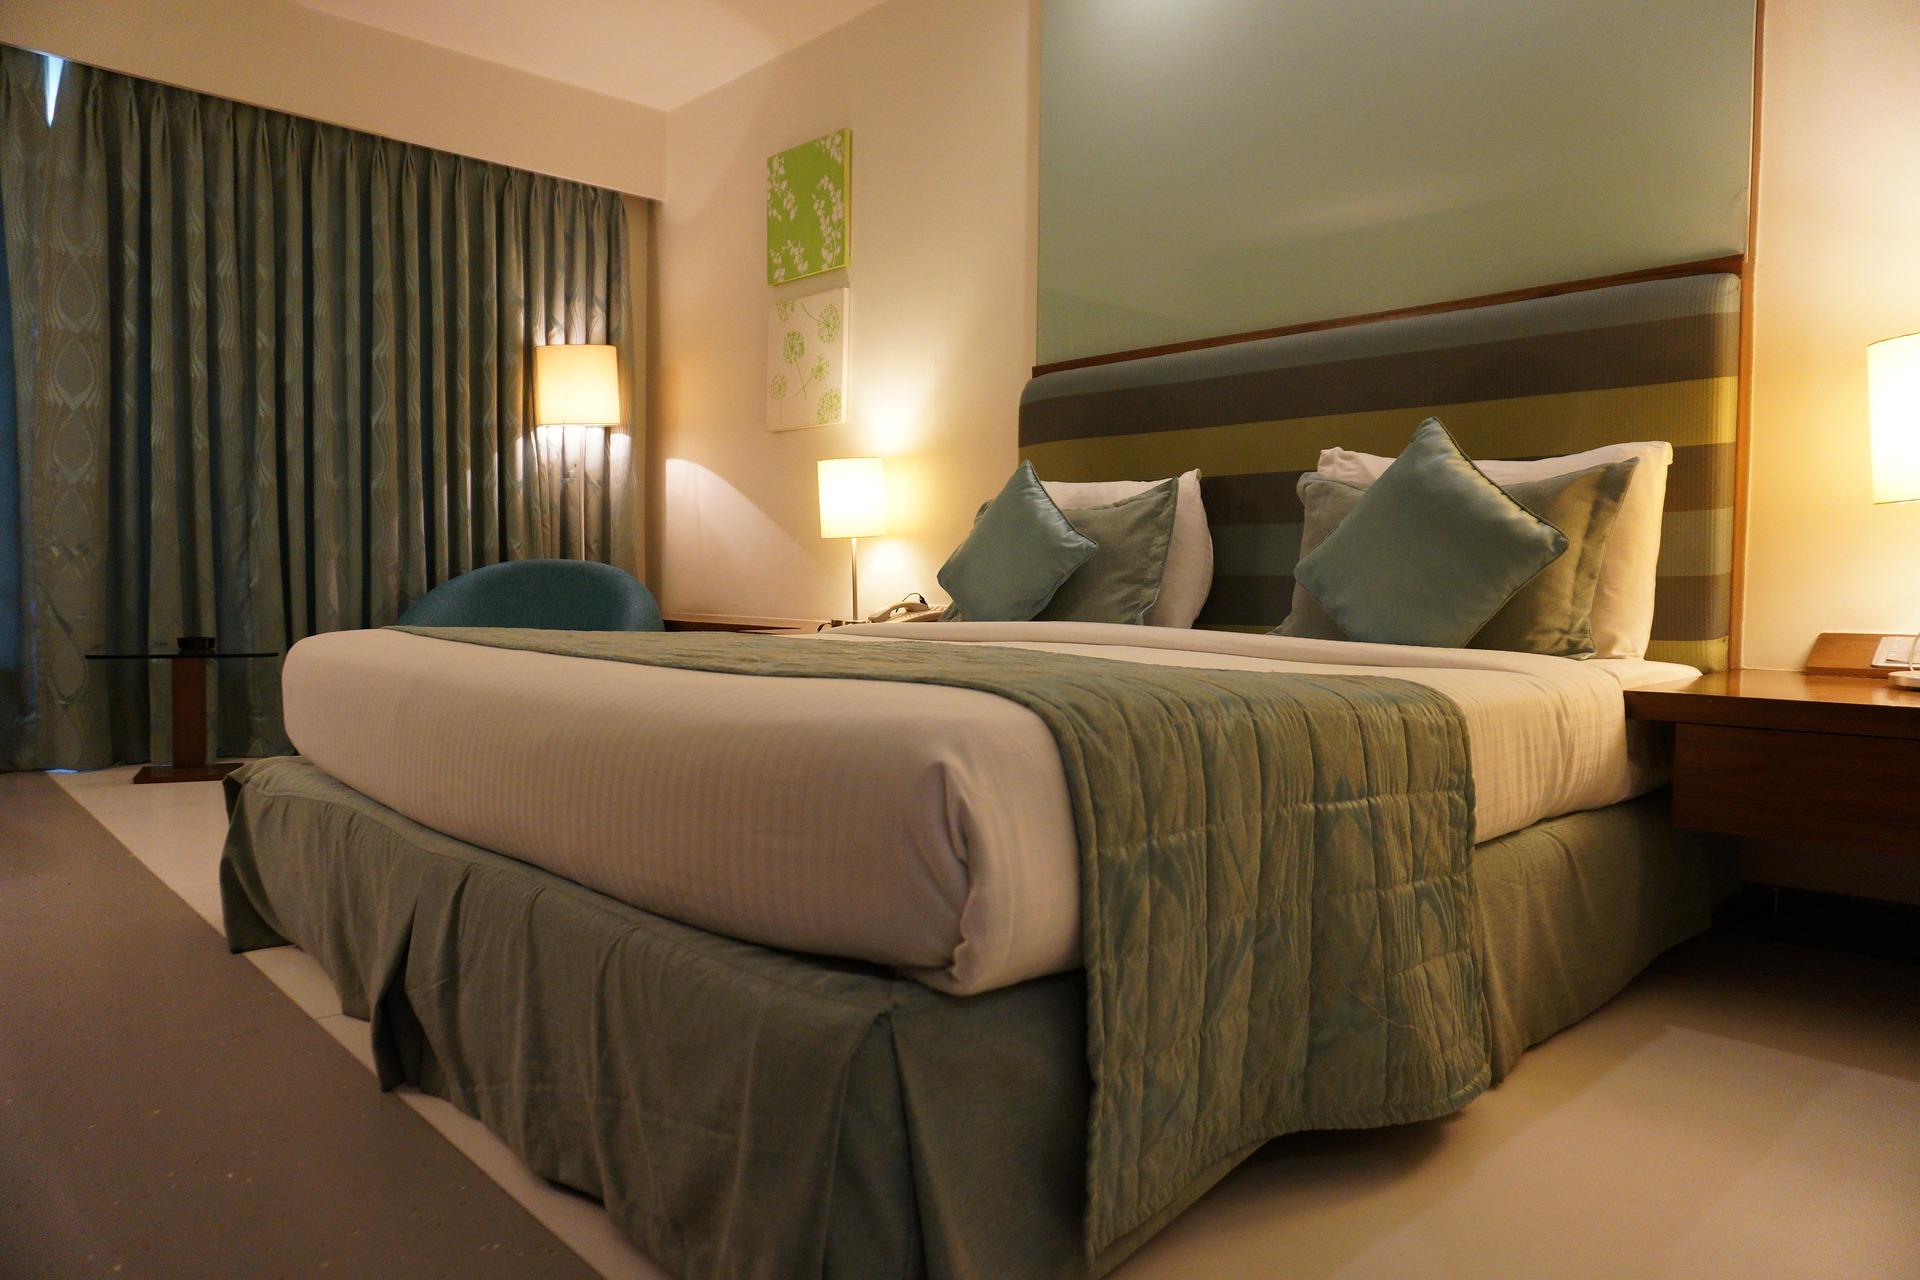 El 60% de los españoles quiere 'ver y elegir' la habitación de su hotel antes de reservar